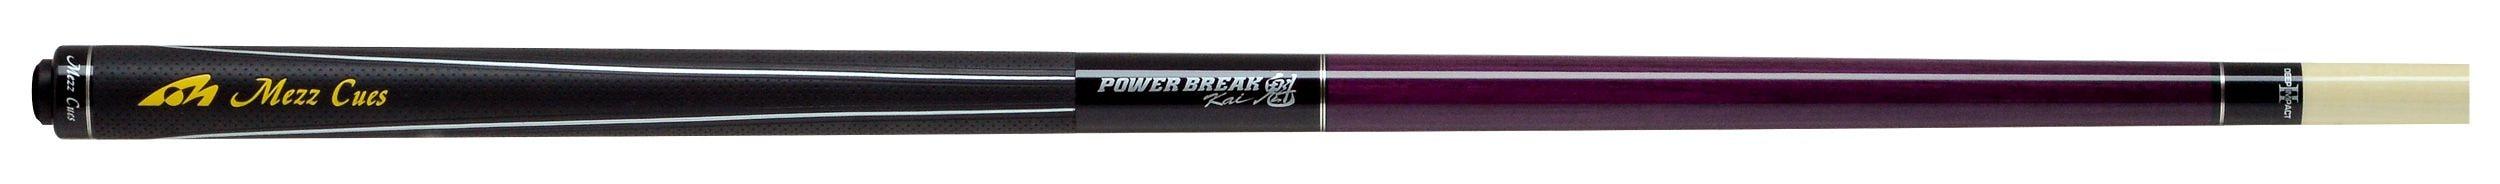 パワーブレイク カイ 魁 スポーツグリップ pbkg-p 紫 商品画像